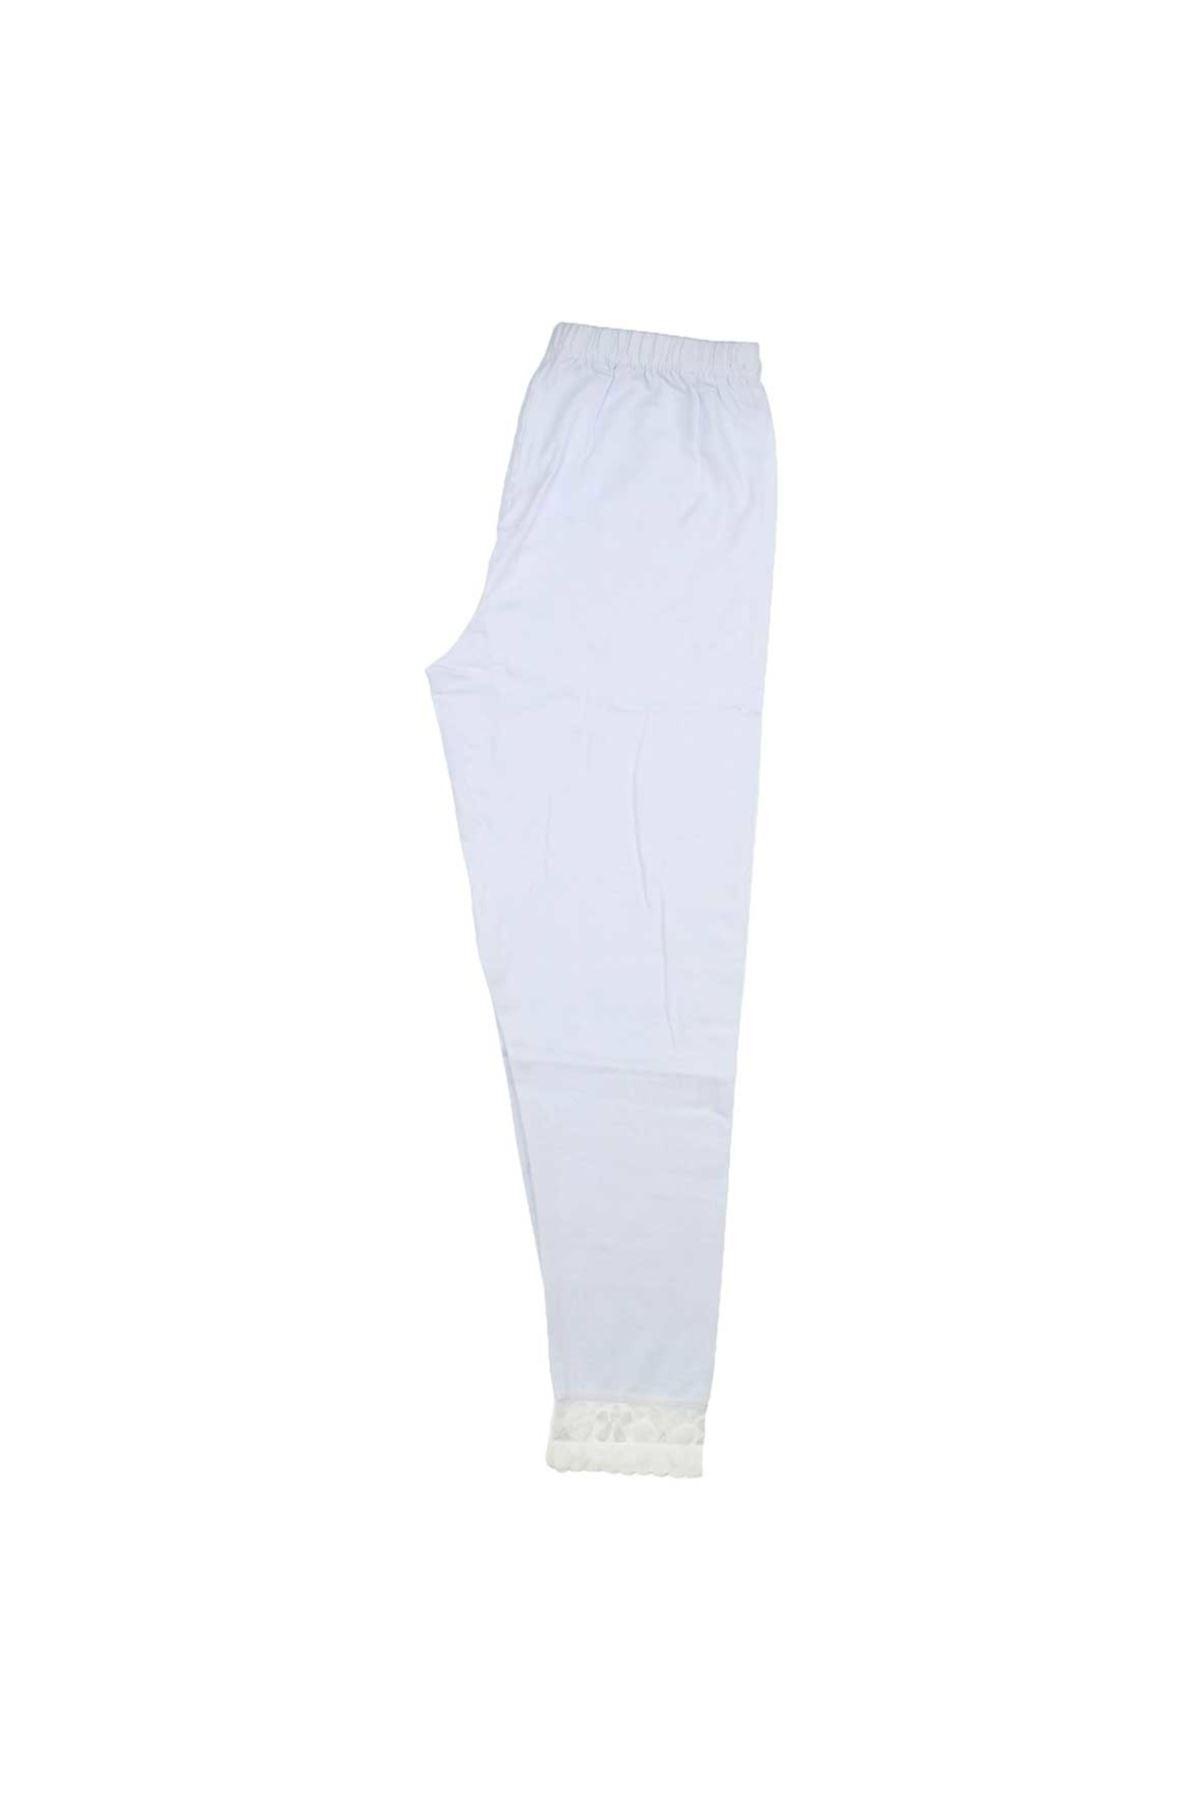 Gümüş İç Giyim Bayan Beyaz Dantelli Tayt